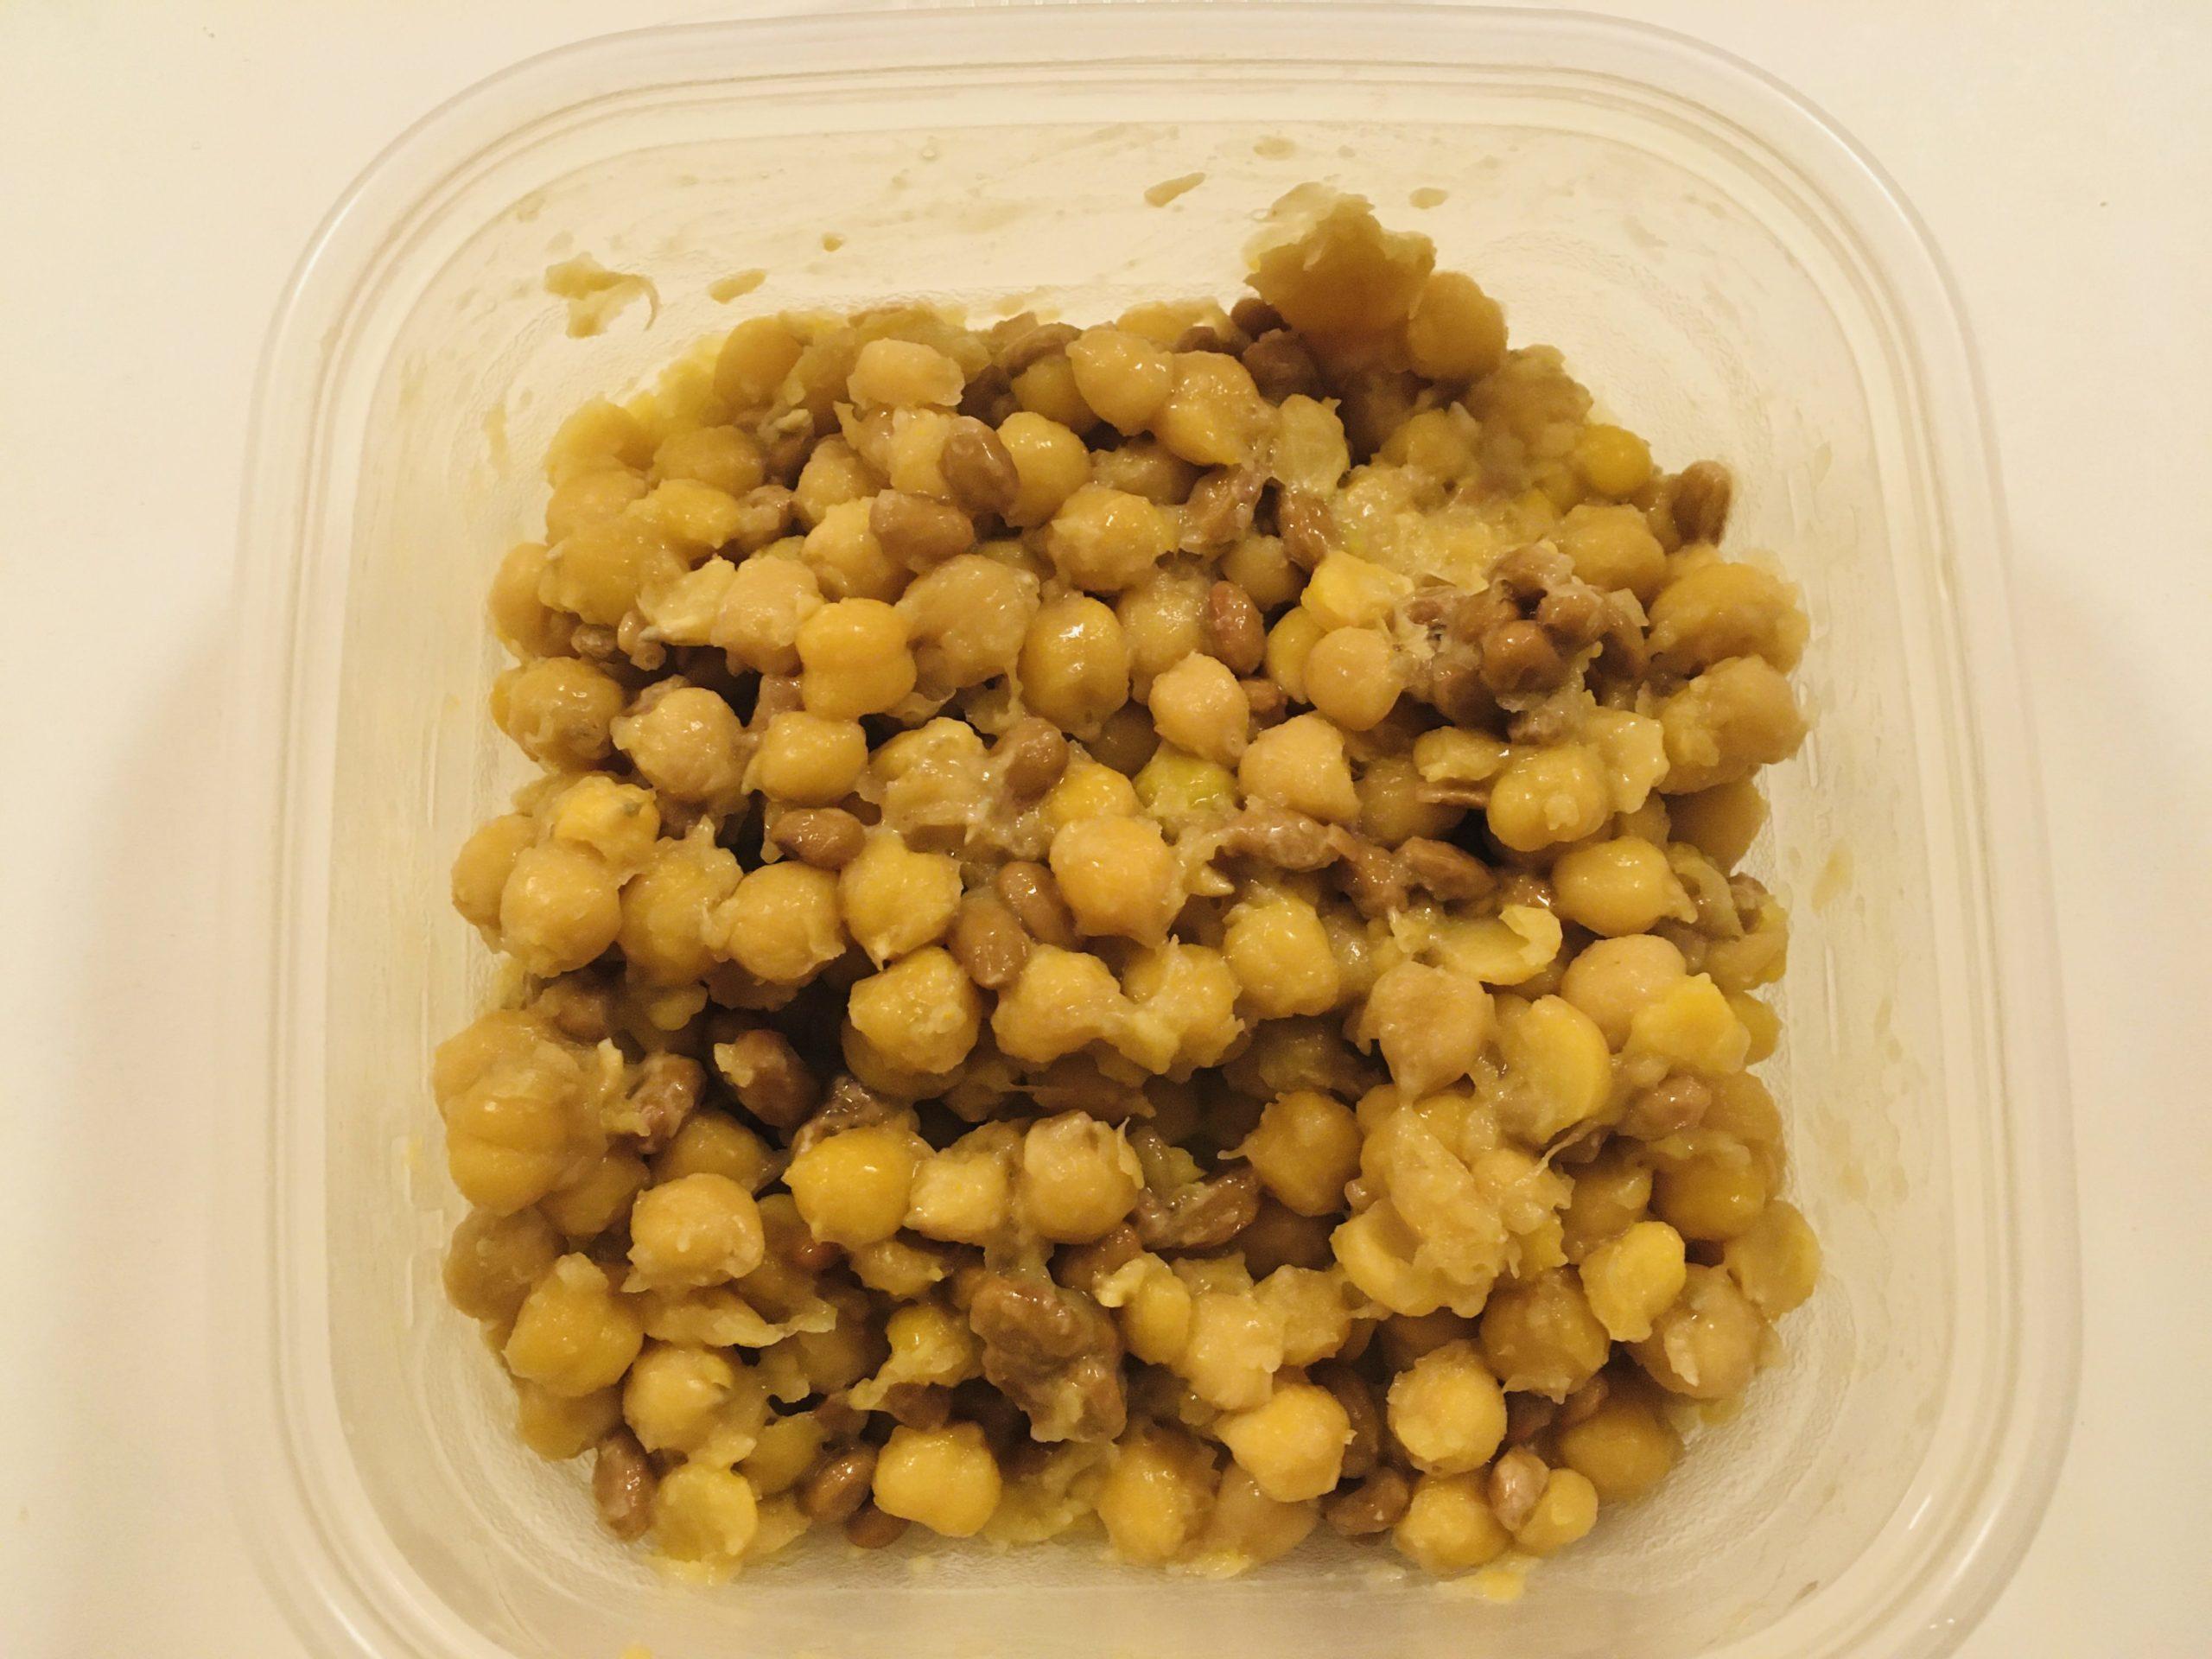 ひよこ豆で納豆混ぜる